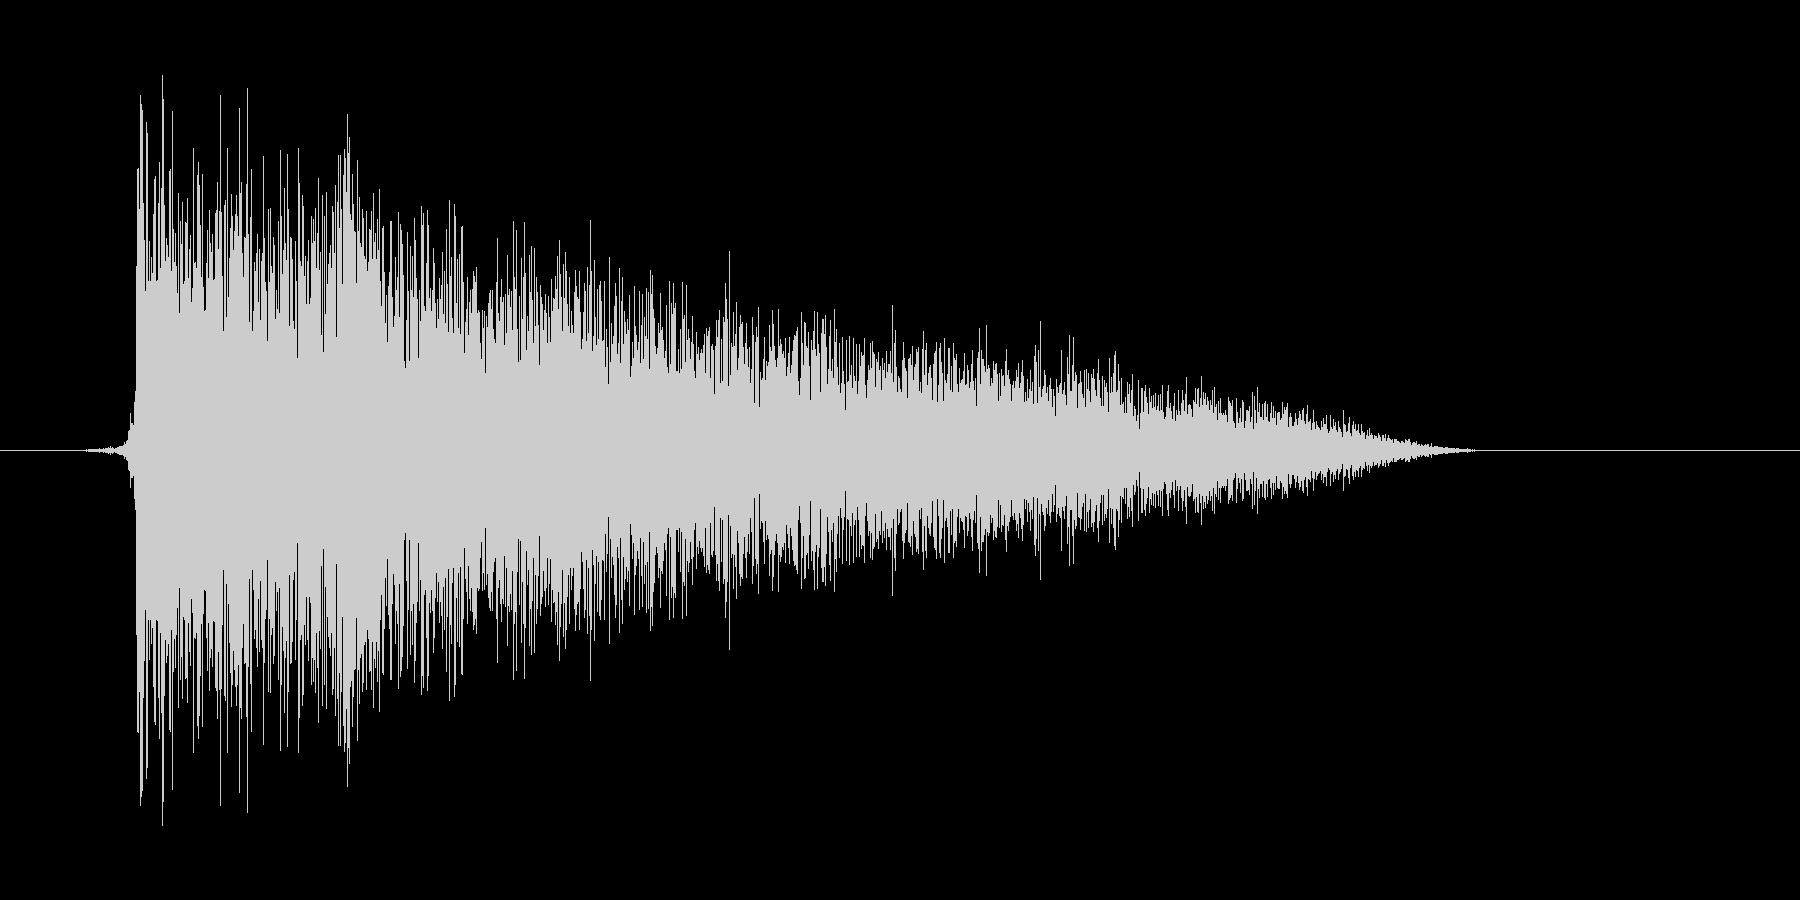 ゲーム(ファミコン風)爆発音_005の未再生の波形